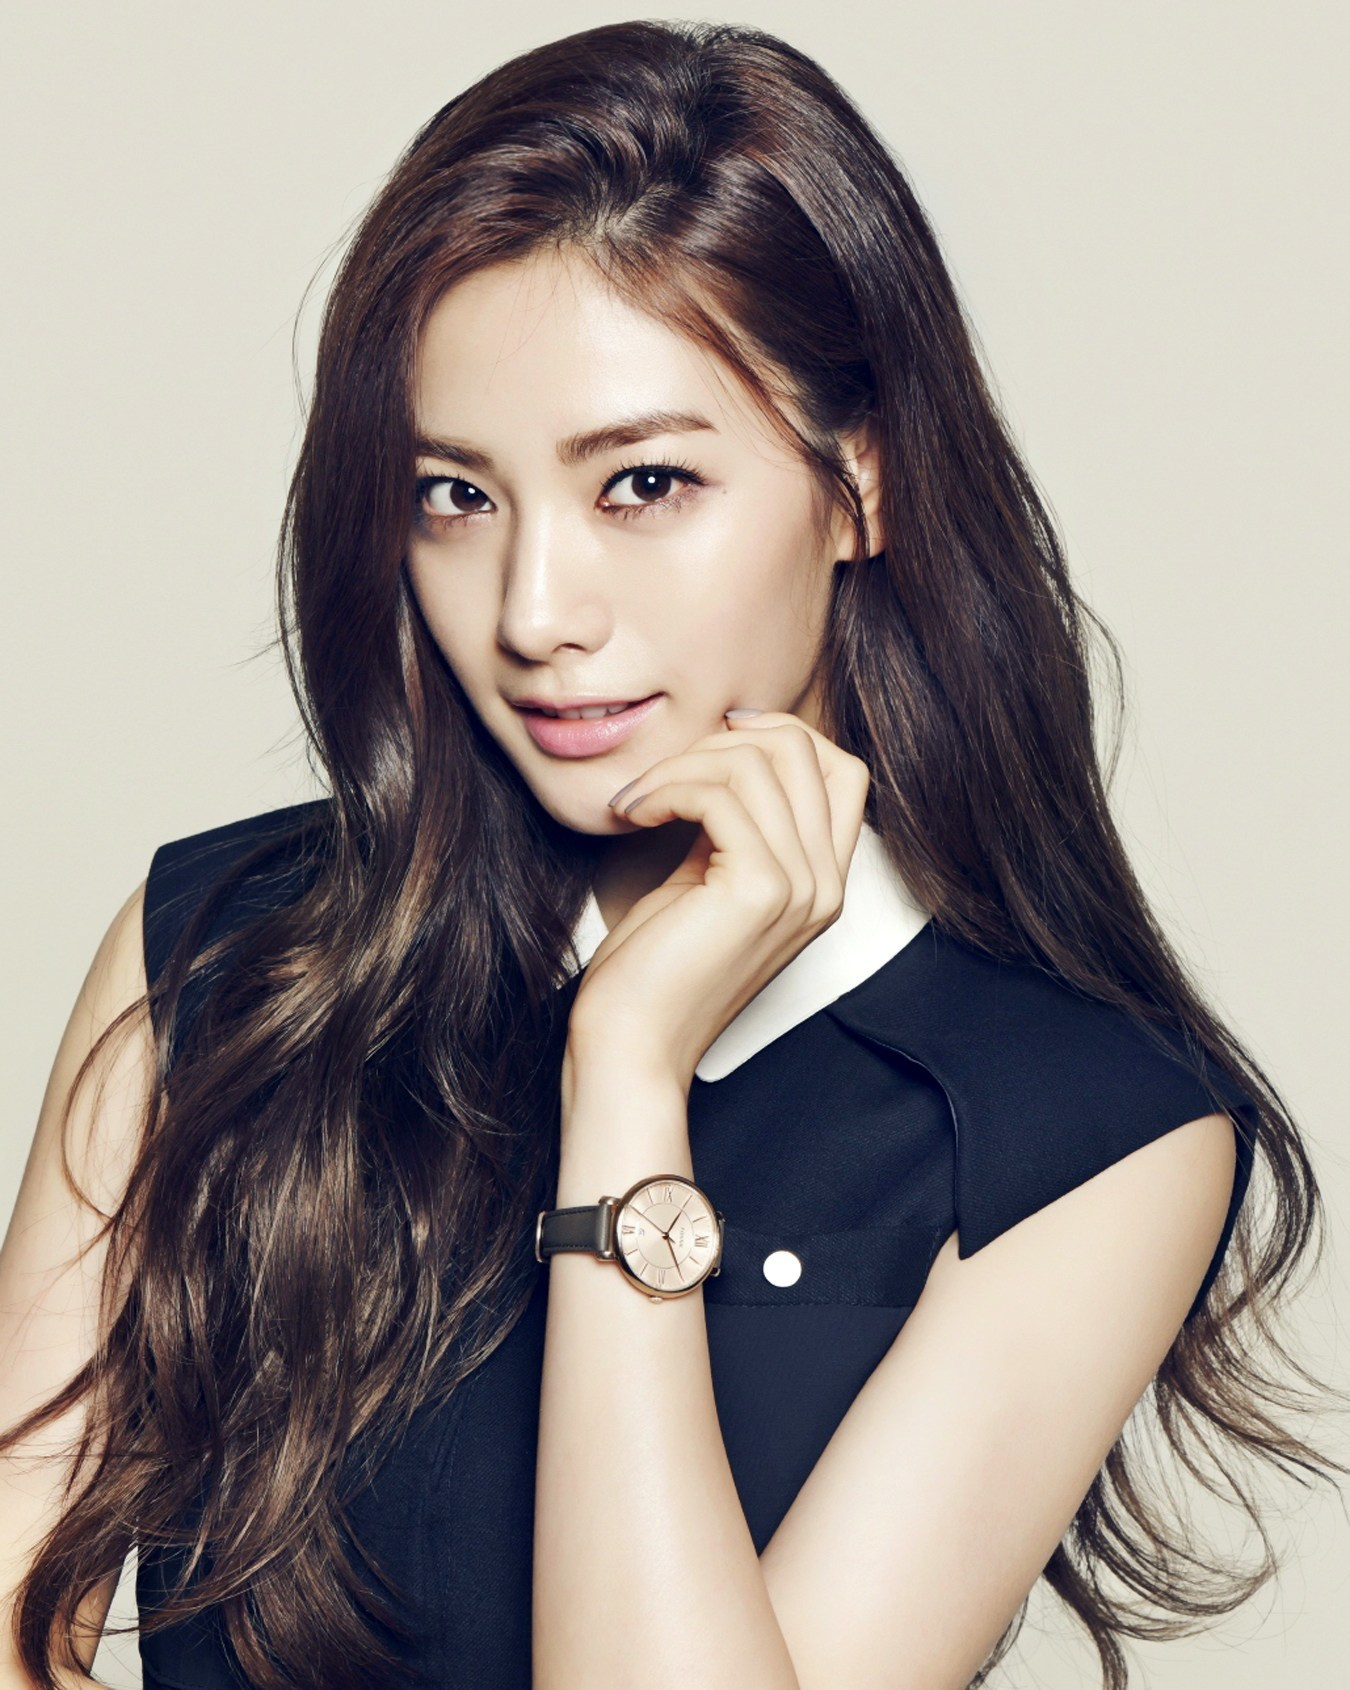 Singer Nana (singer) - age: 26